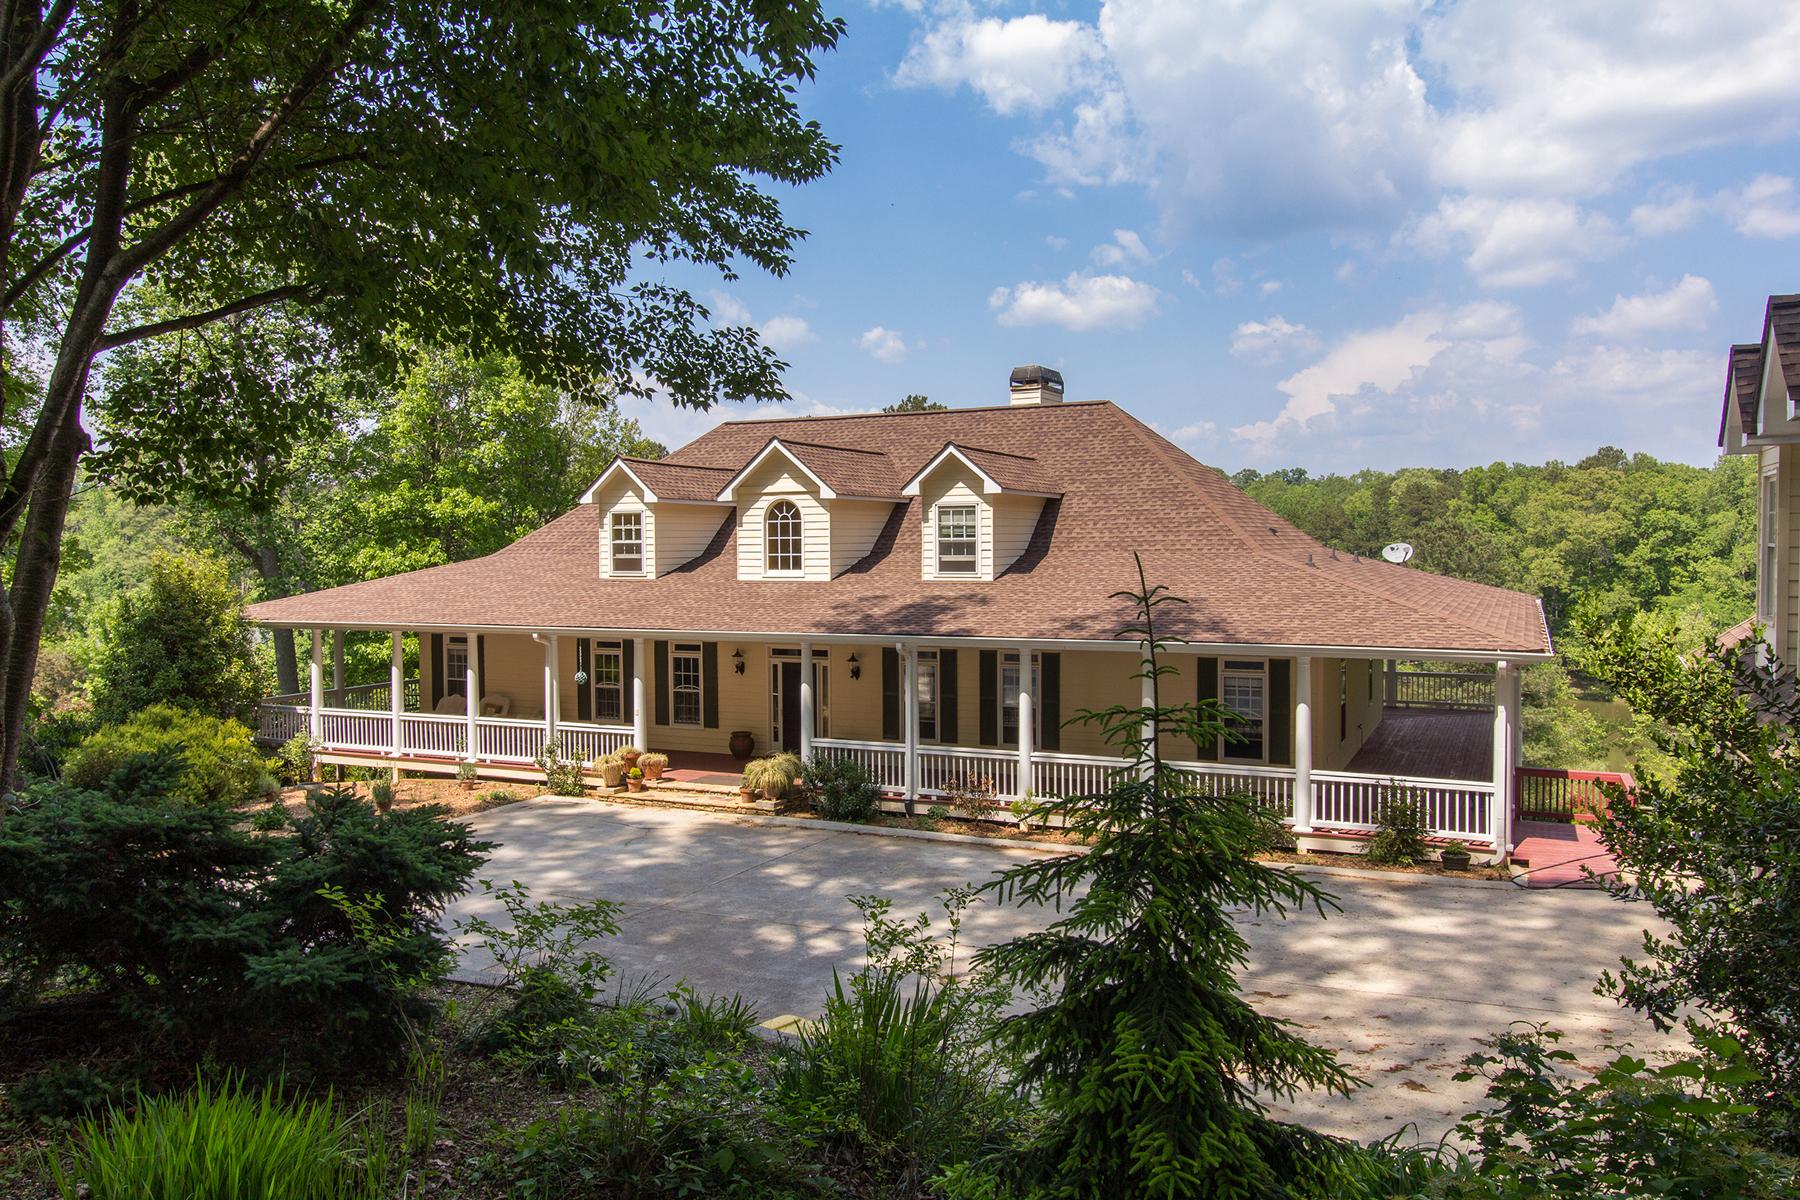 Maison unifamiliale pour l Vente à Lake, Land, Low Country Style 121 Pearls Farm Alpharetta, Georgia, 30004 États-Unis